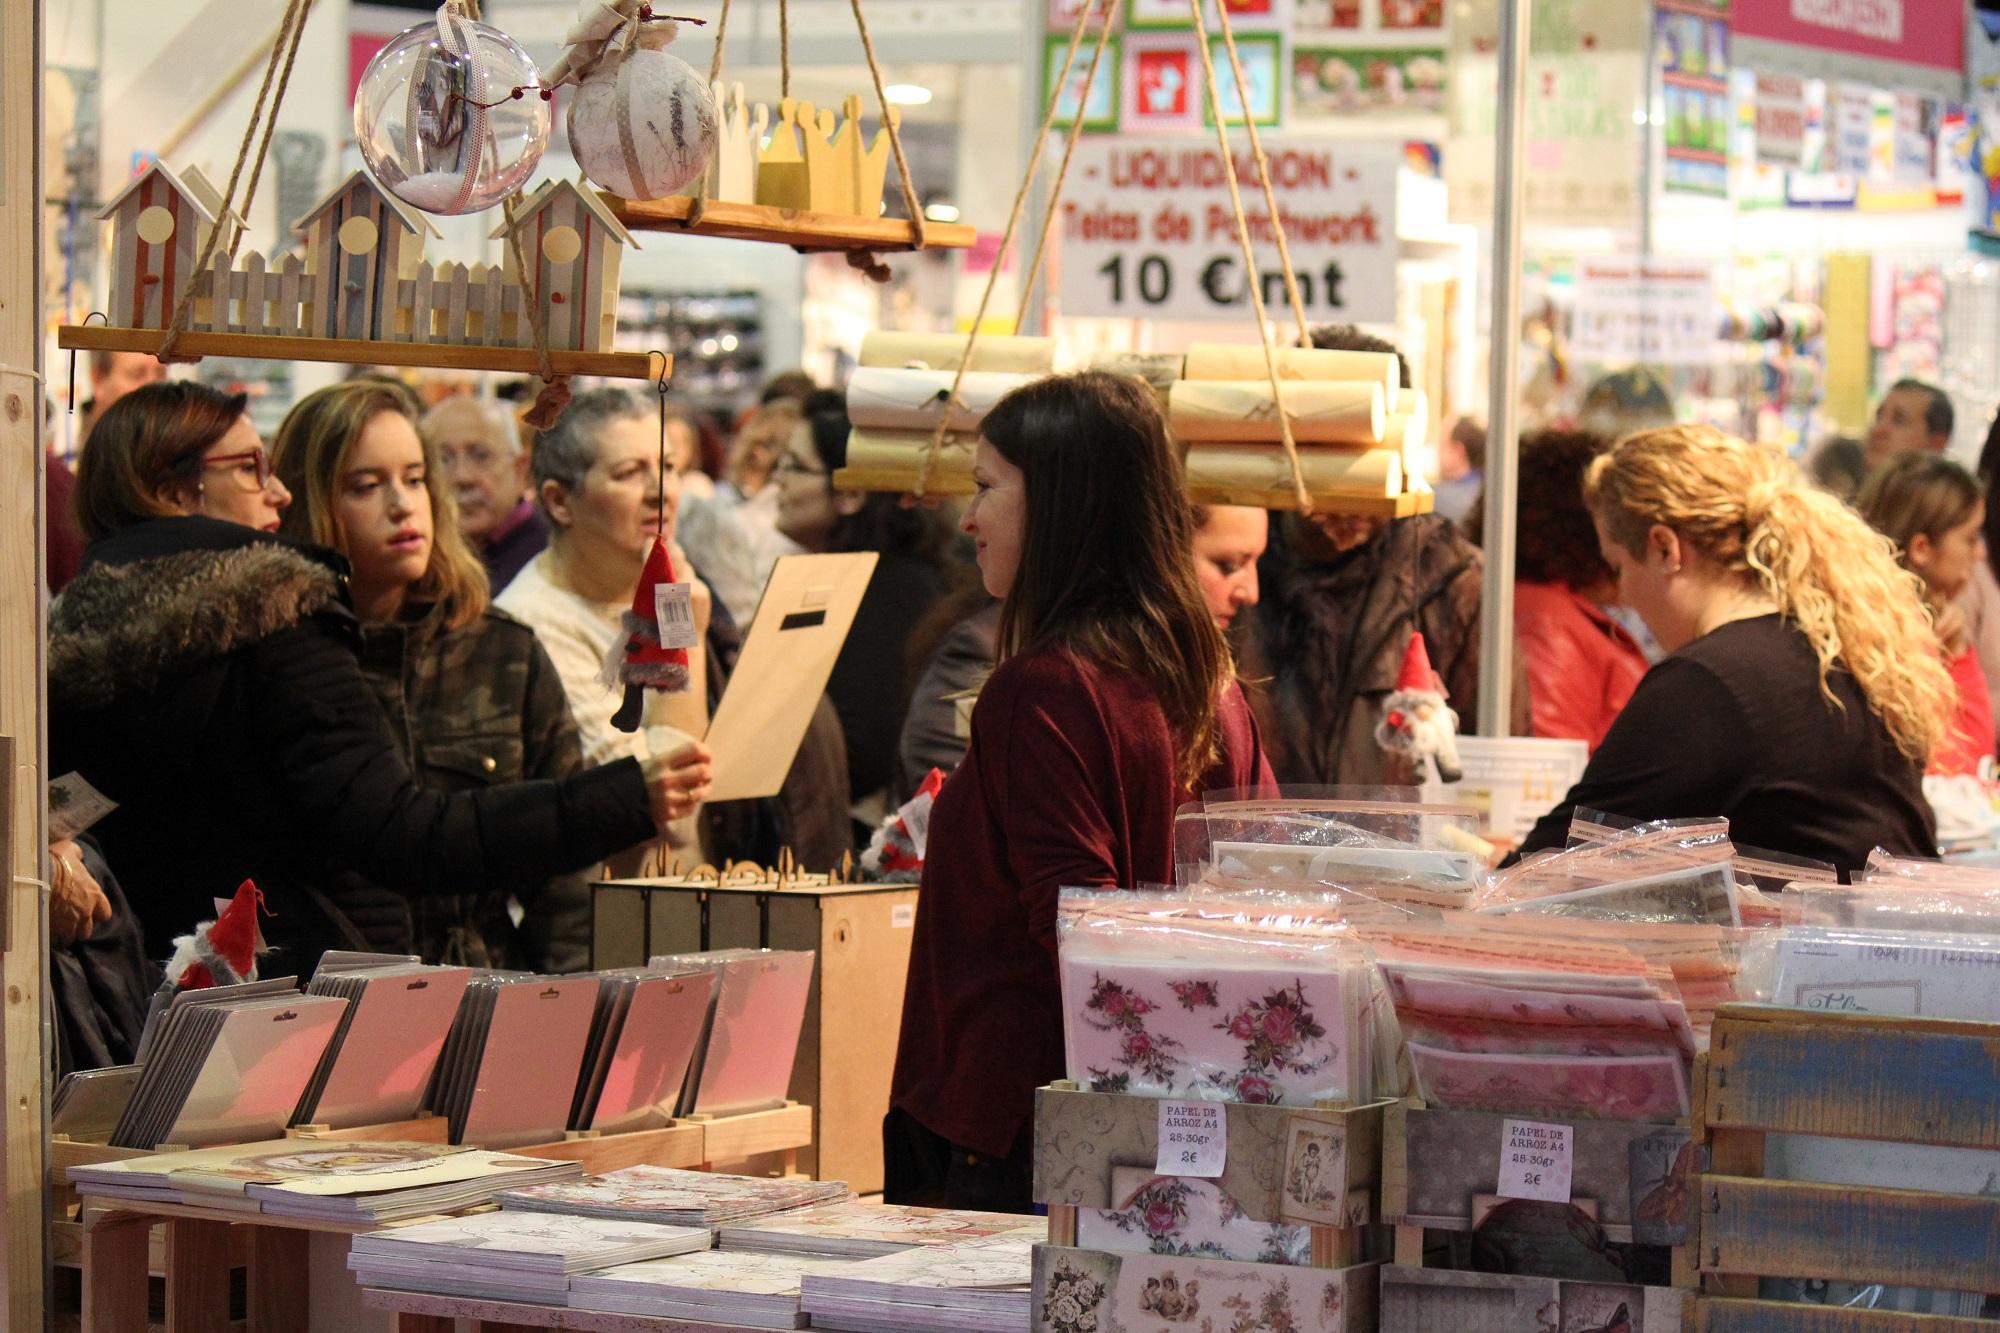 Creativa Málaga lanza su segunda convocatoria tras reunir en su primera edición 7.000 visitantes